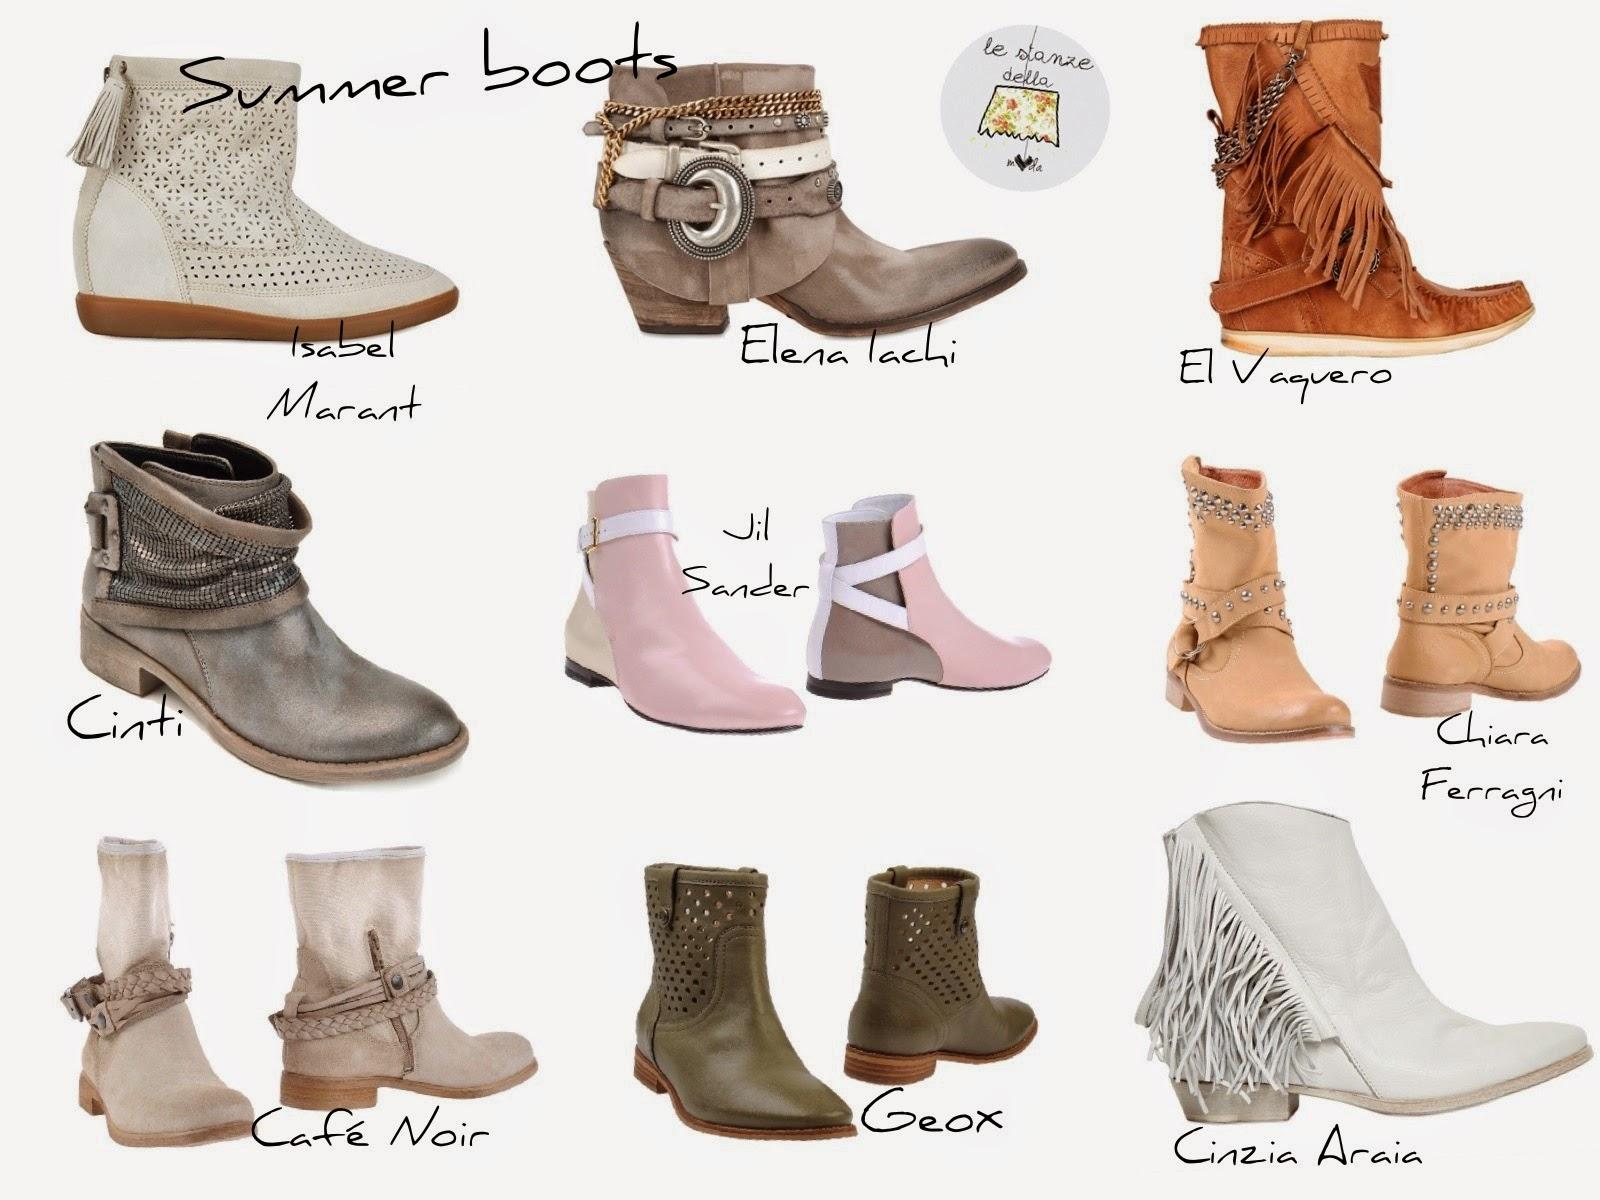 stivali estivi, estate 2014, scarpe 2014 estate, scarpe e scarpe